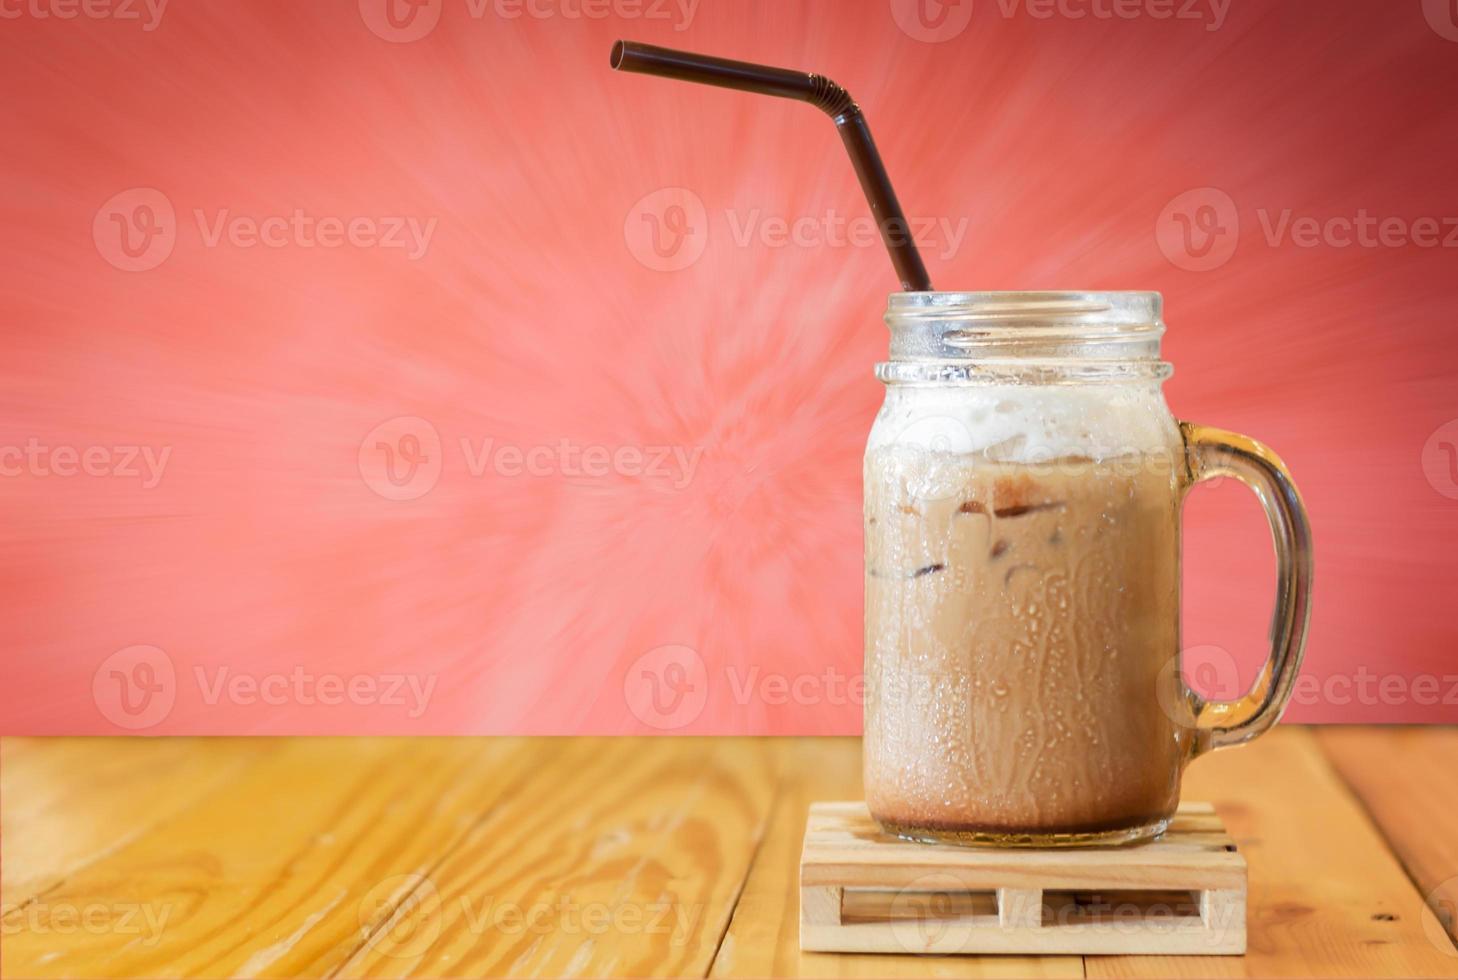 bouchent le café glacé sur la table en bois photo